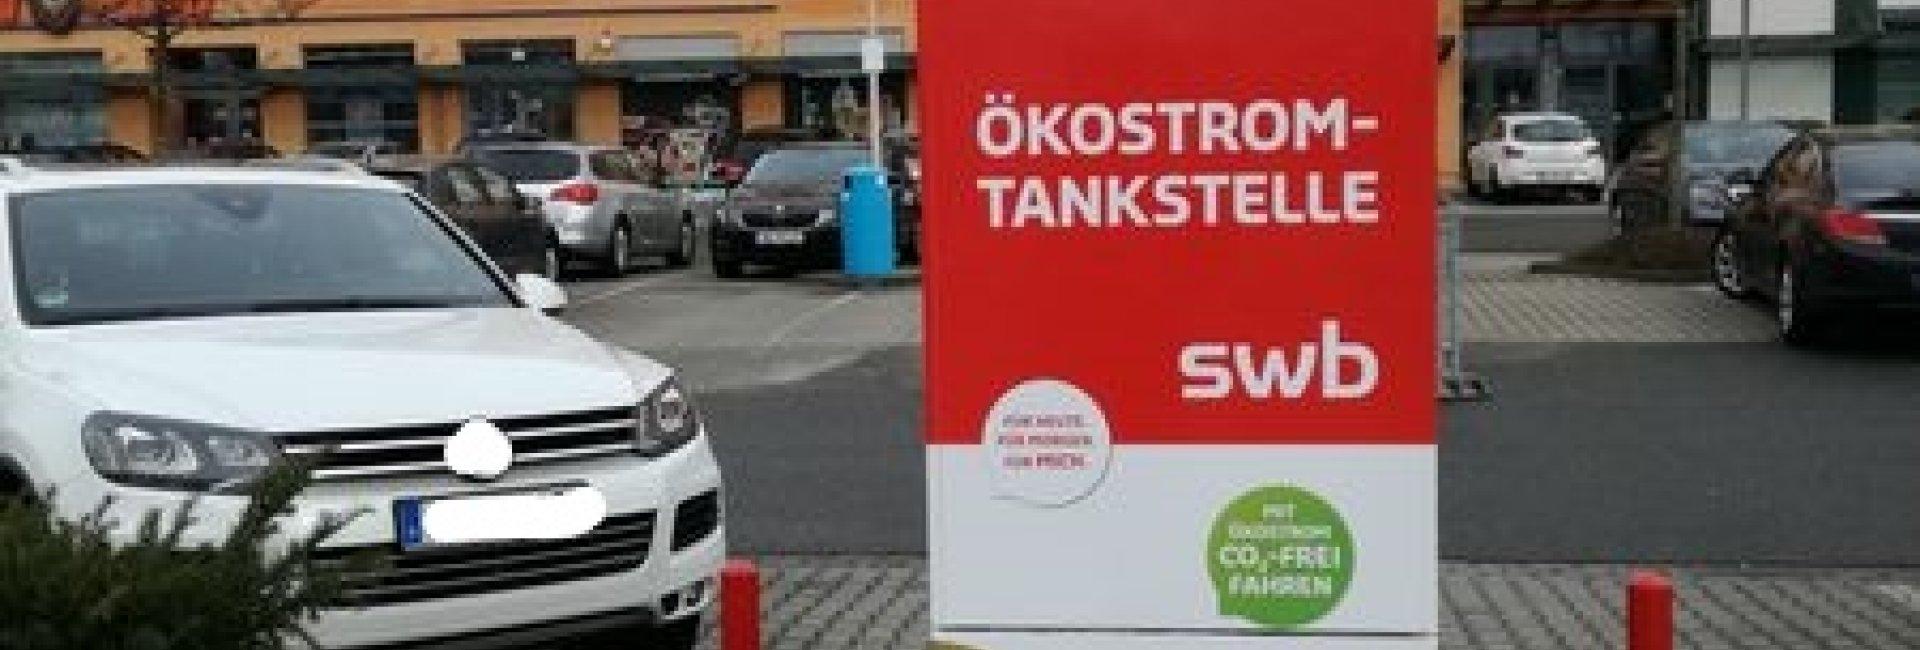 NordRaum - Stromtankstelle ist in Betrieb!